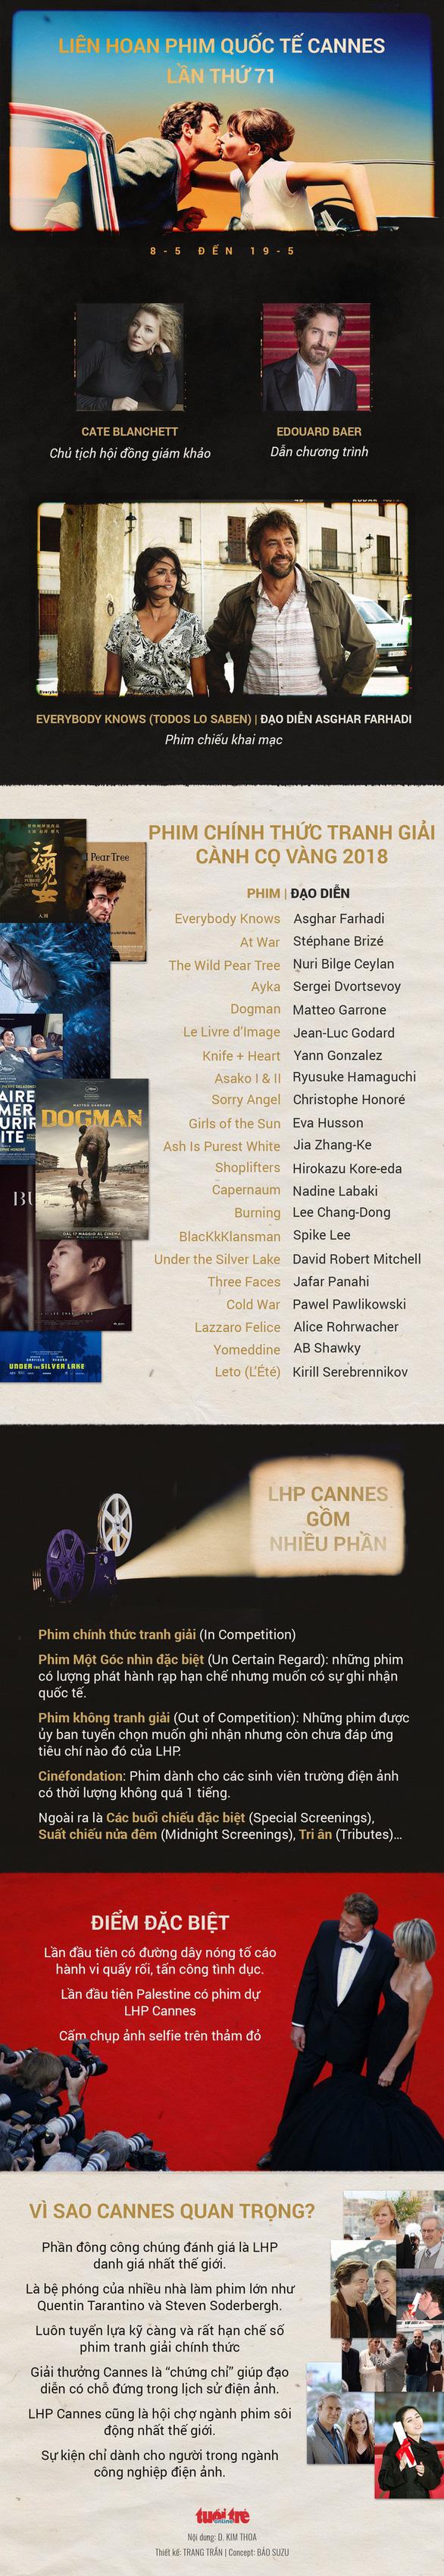 Nhã Phương, Mỹ Linh, Vũ Ngọc Anh trình diễn váy dạ hội ở Cannes - Ảnh 12.